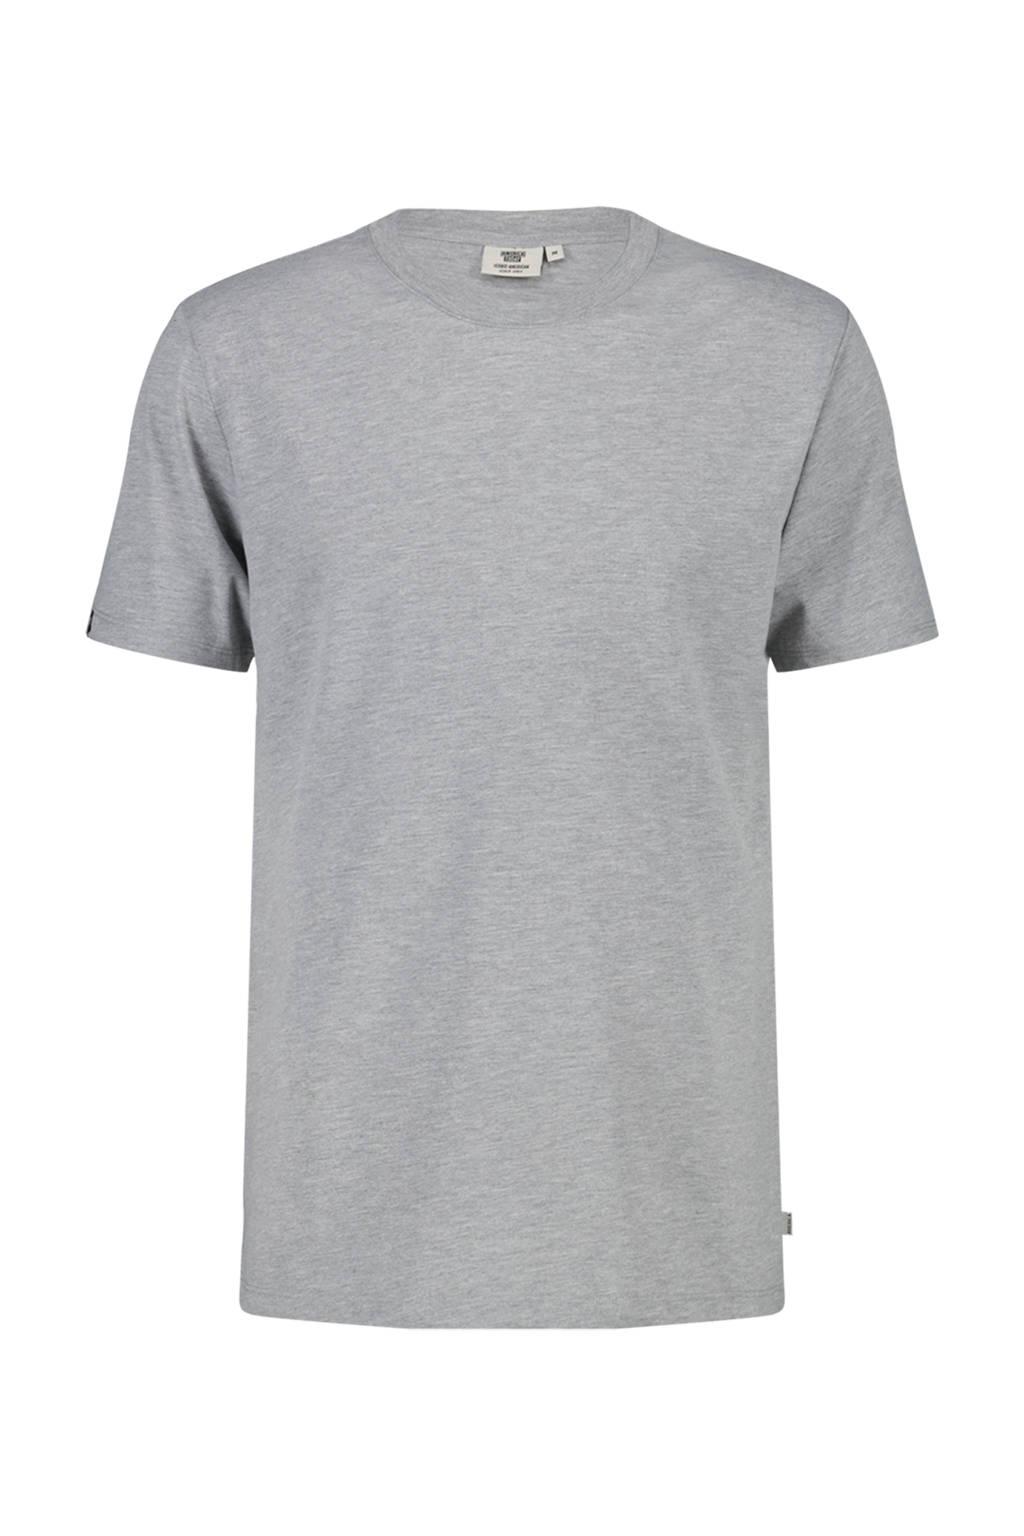 America Today T-shirt Eric van biologisch katoen grey melange